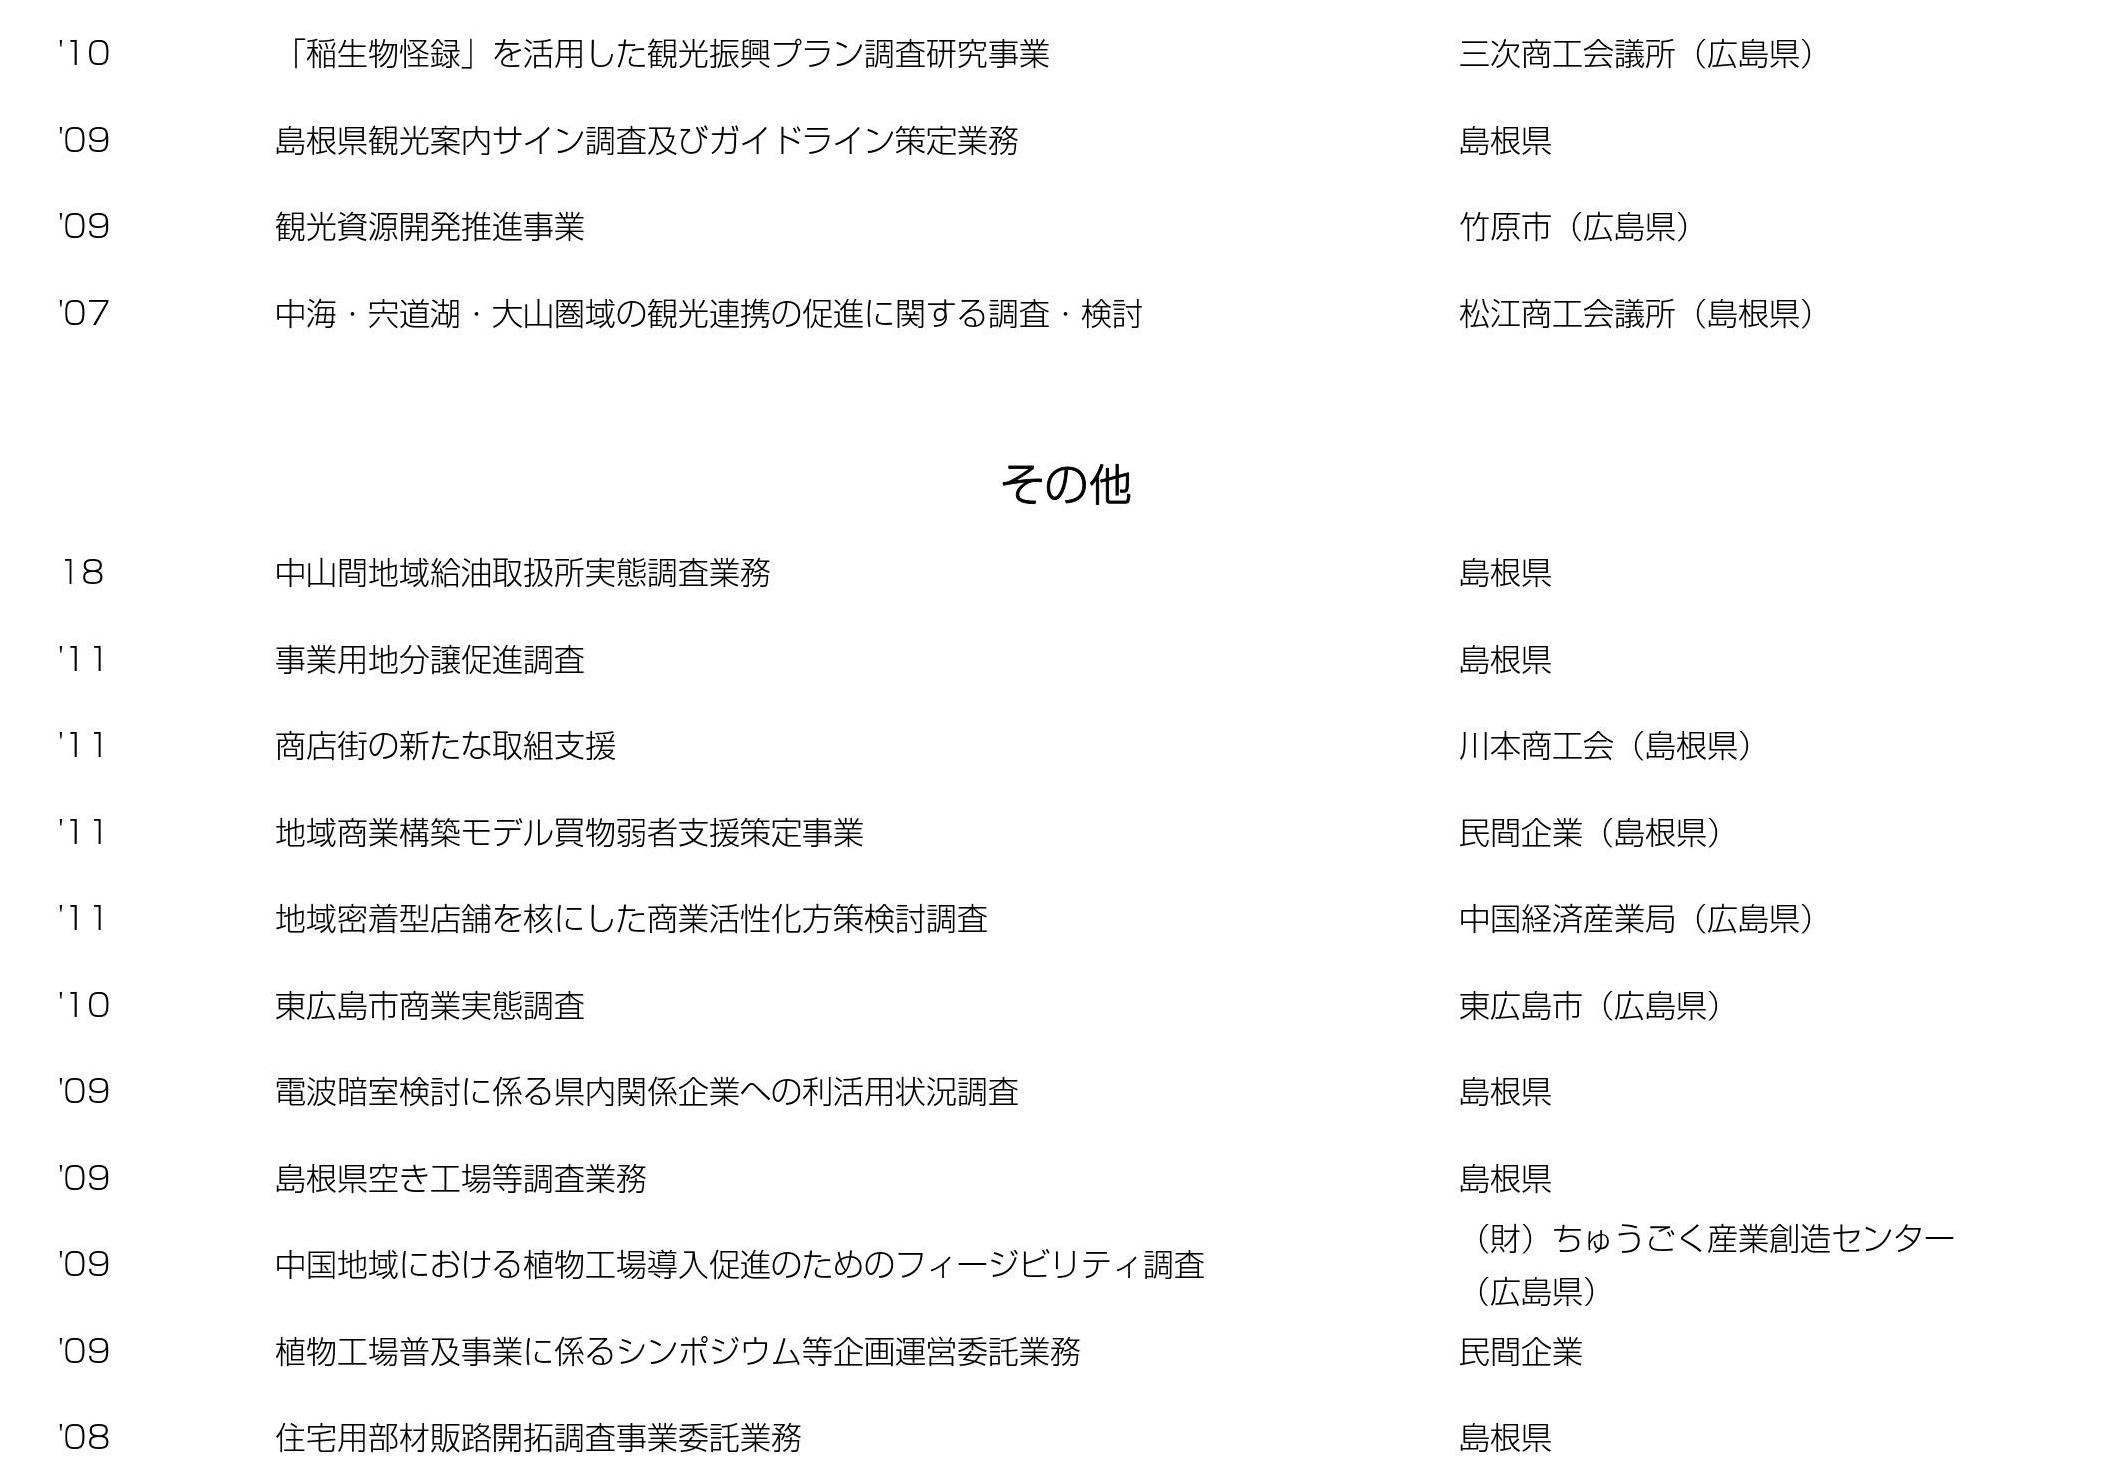 産業・観光振興04.jpg